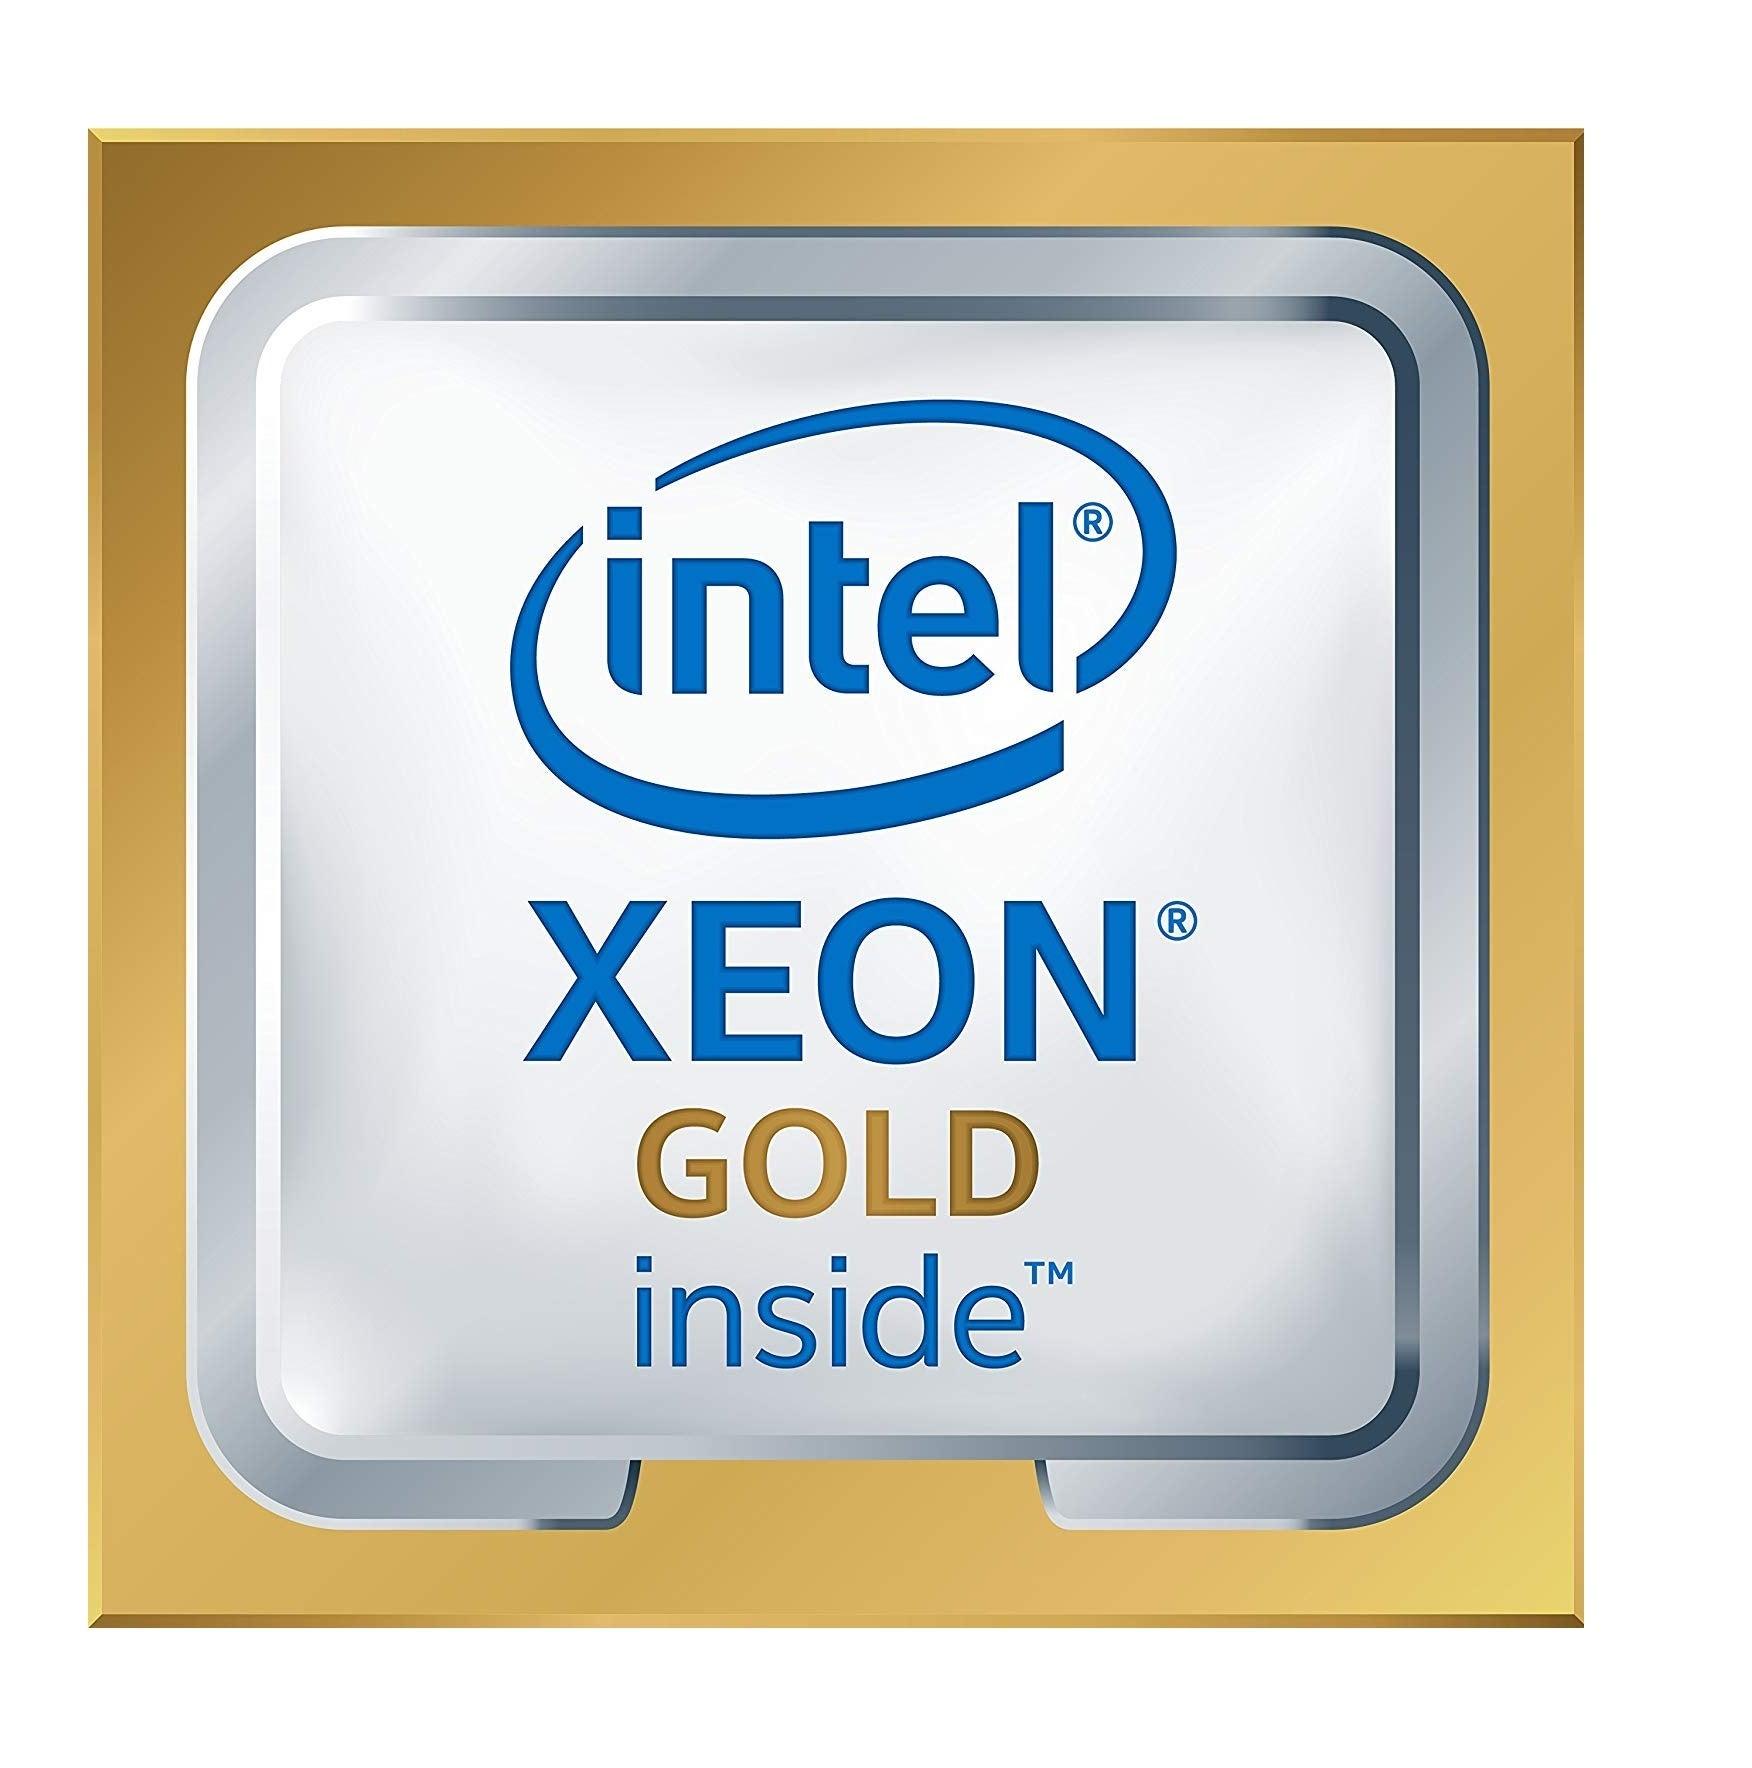 Intel Xeon Gold 6136 3.00GHz Processor